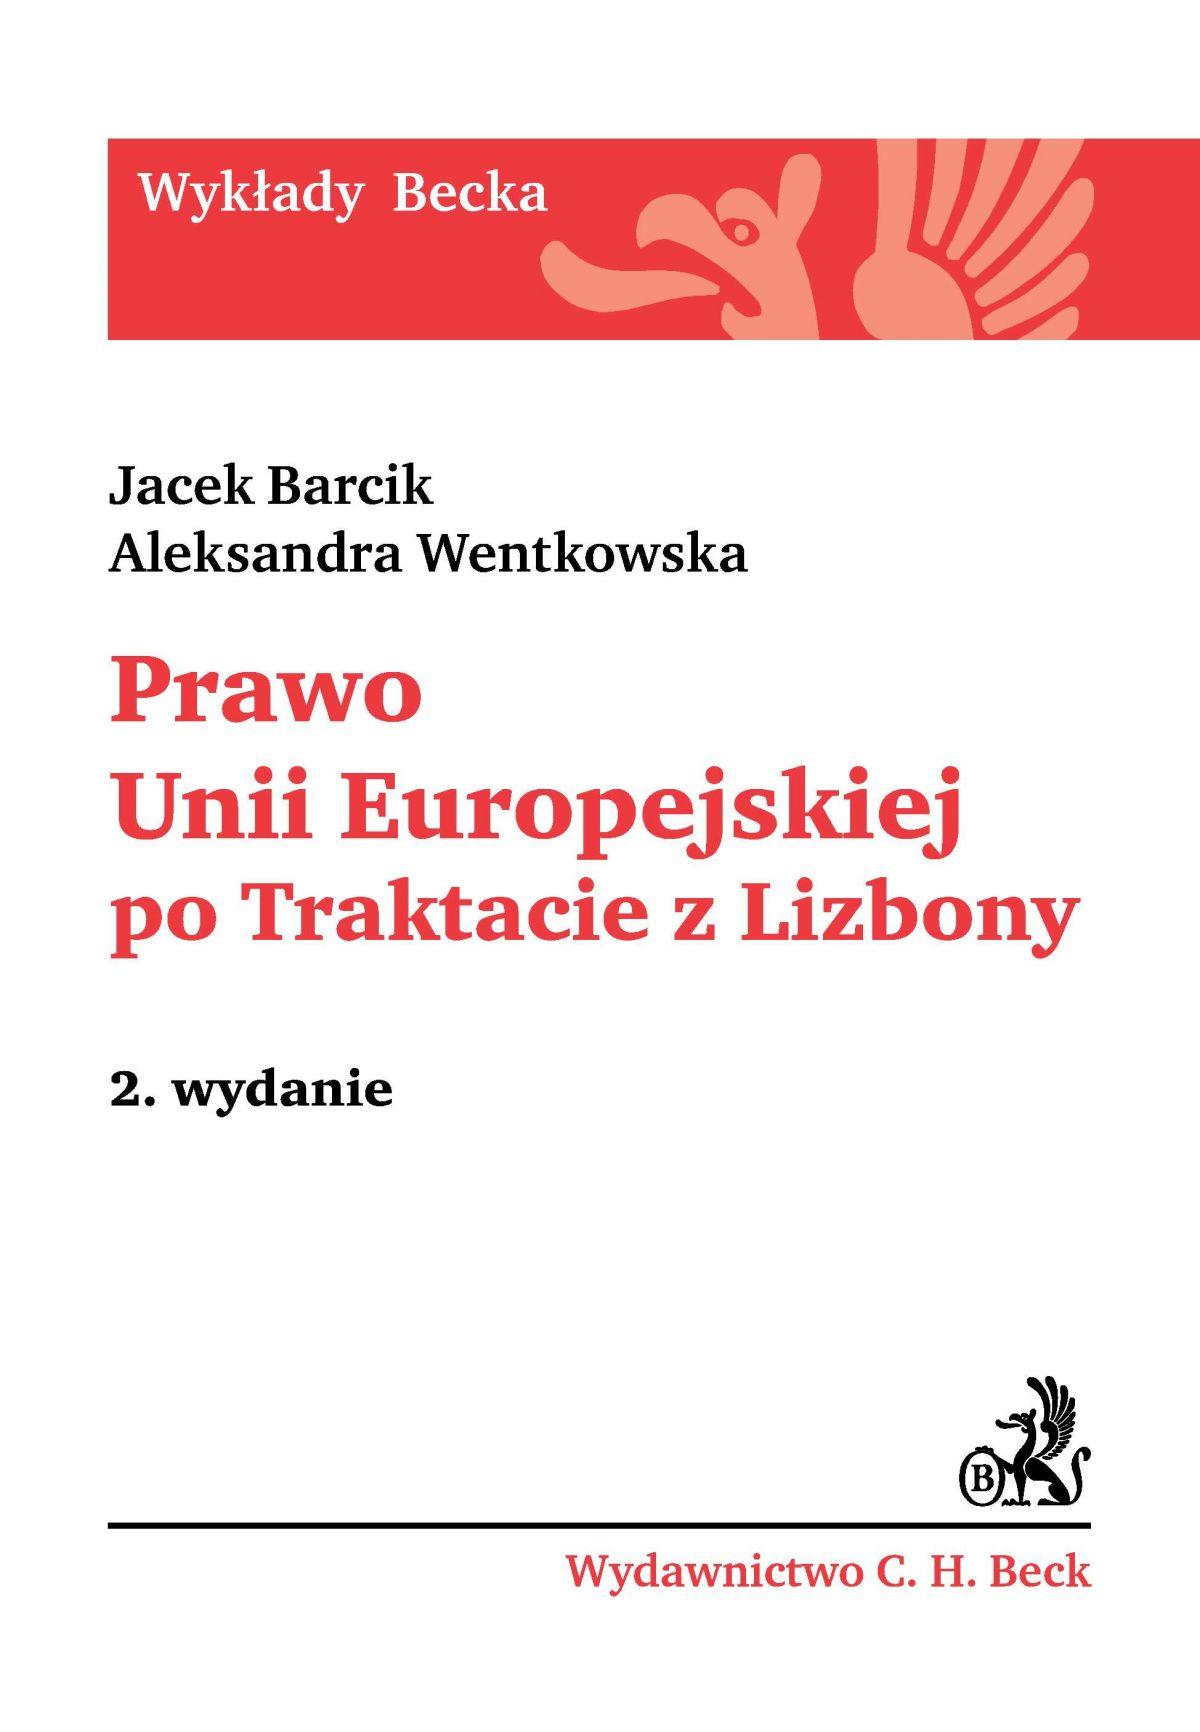 Prawo Unii Europejskiej po Traktacie z Lizbony - Ebook (Książka PDF) do pobrania w formacie PDF